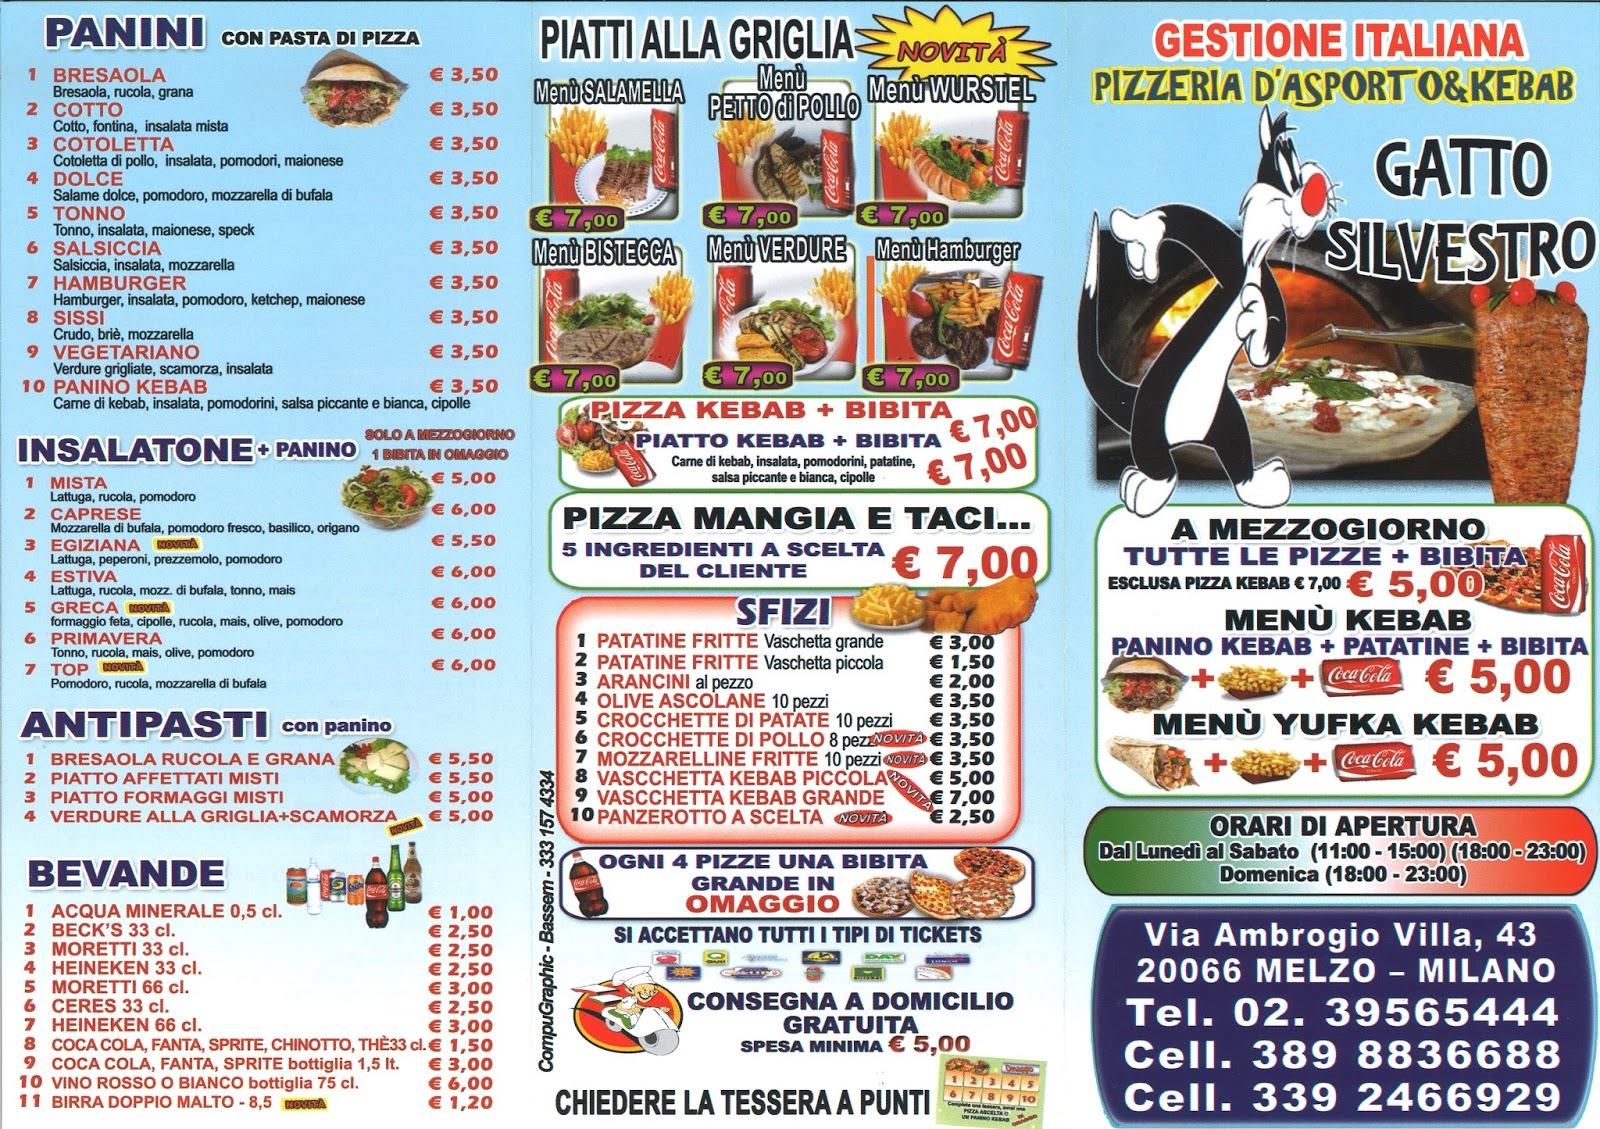 A Modo Mio Melzo menu e prezzi: pizzeria da asporto & kebab gatto silvestro a